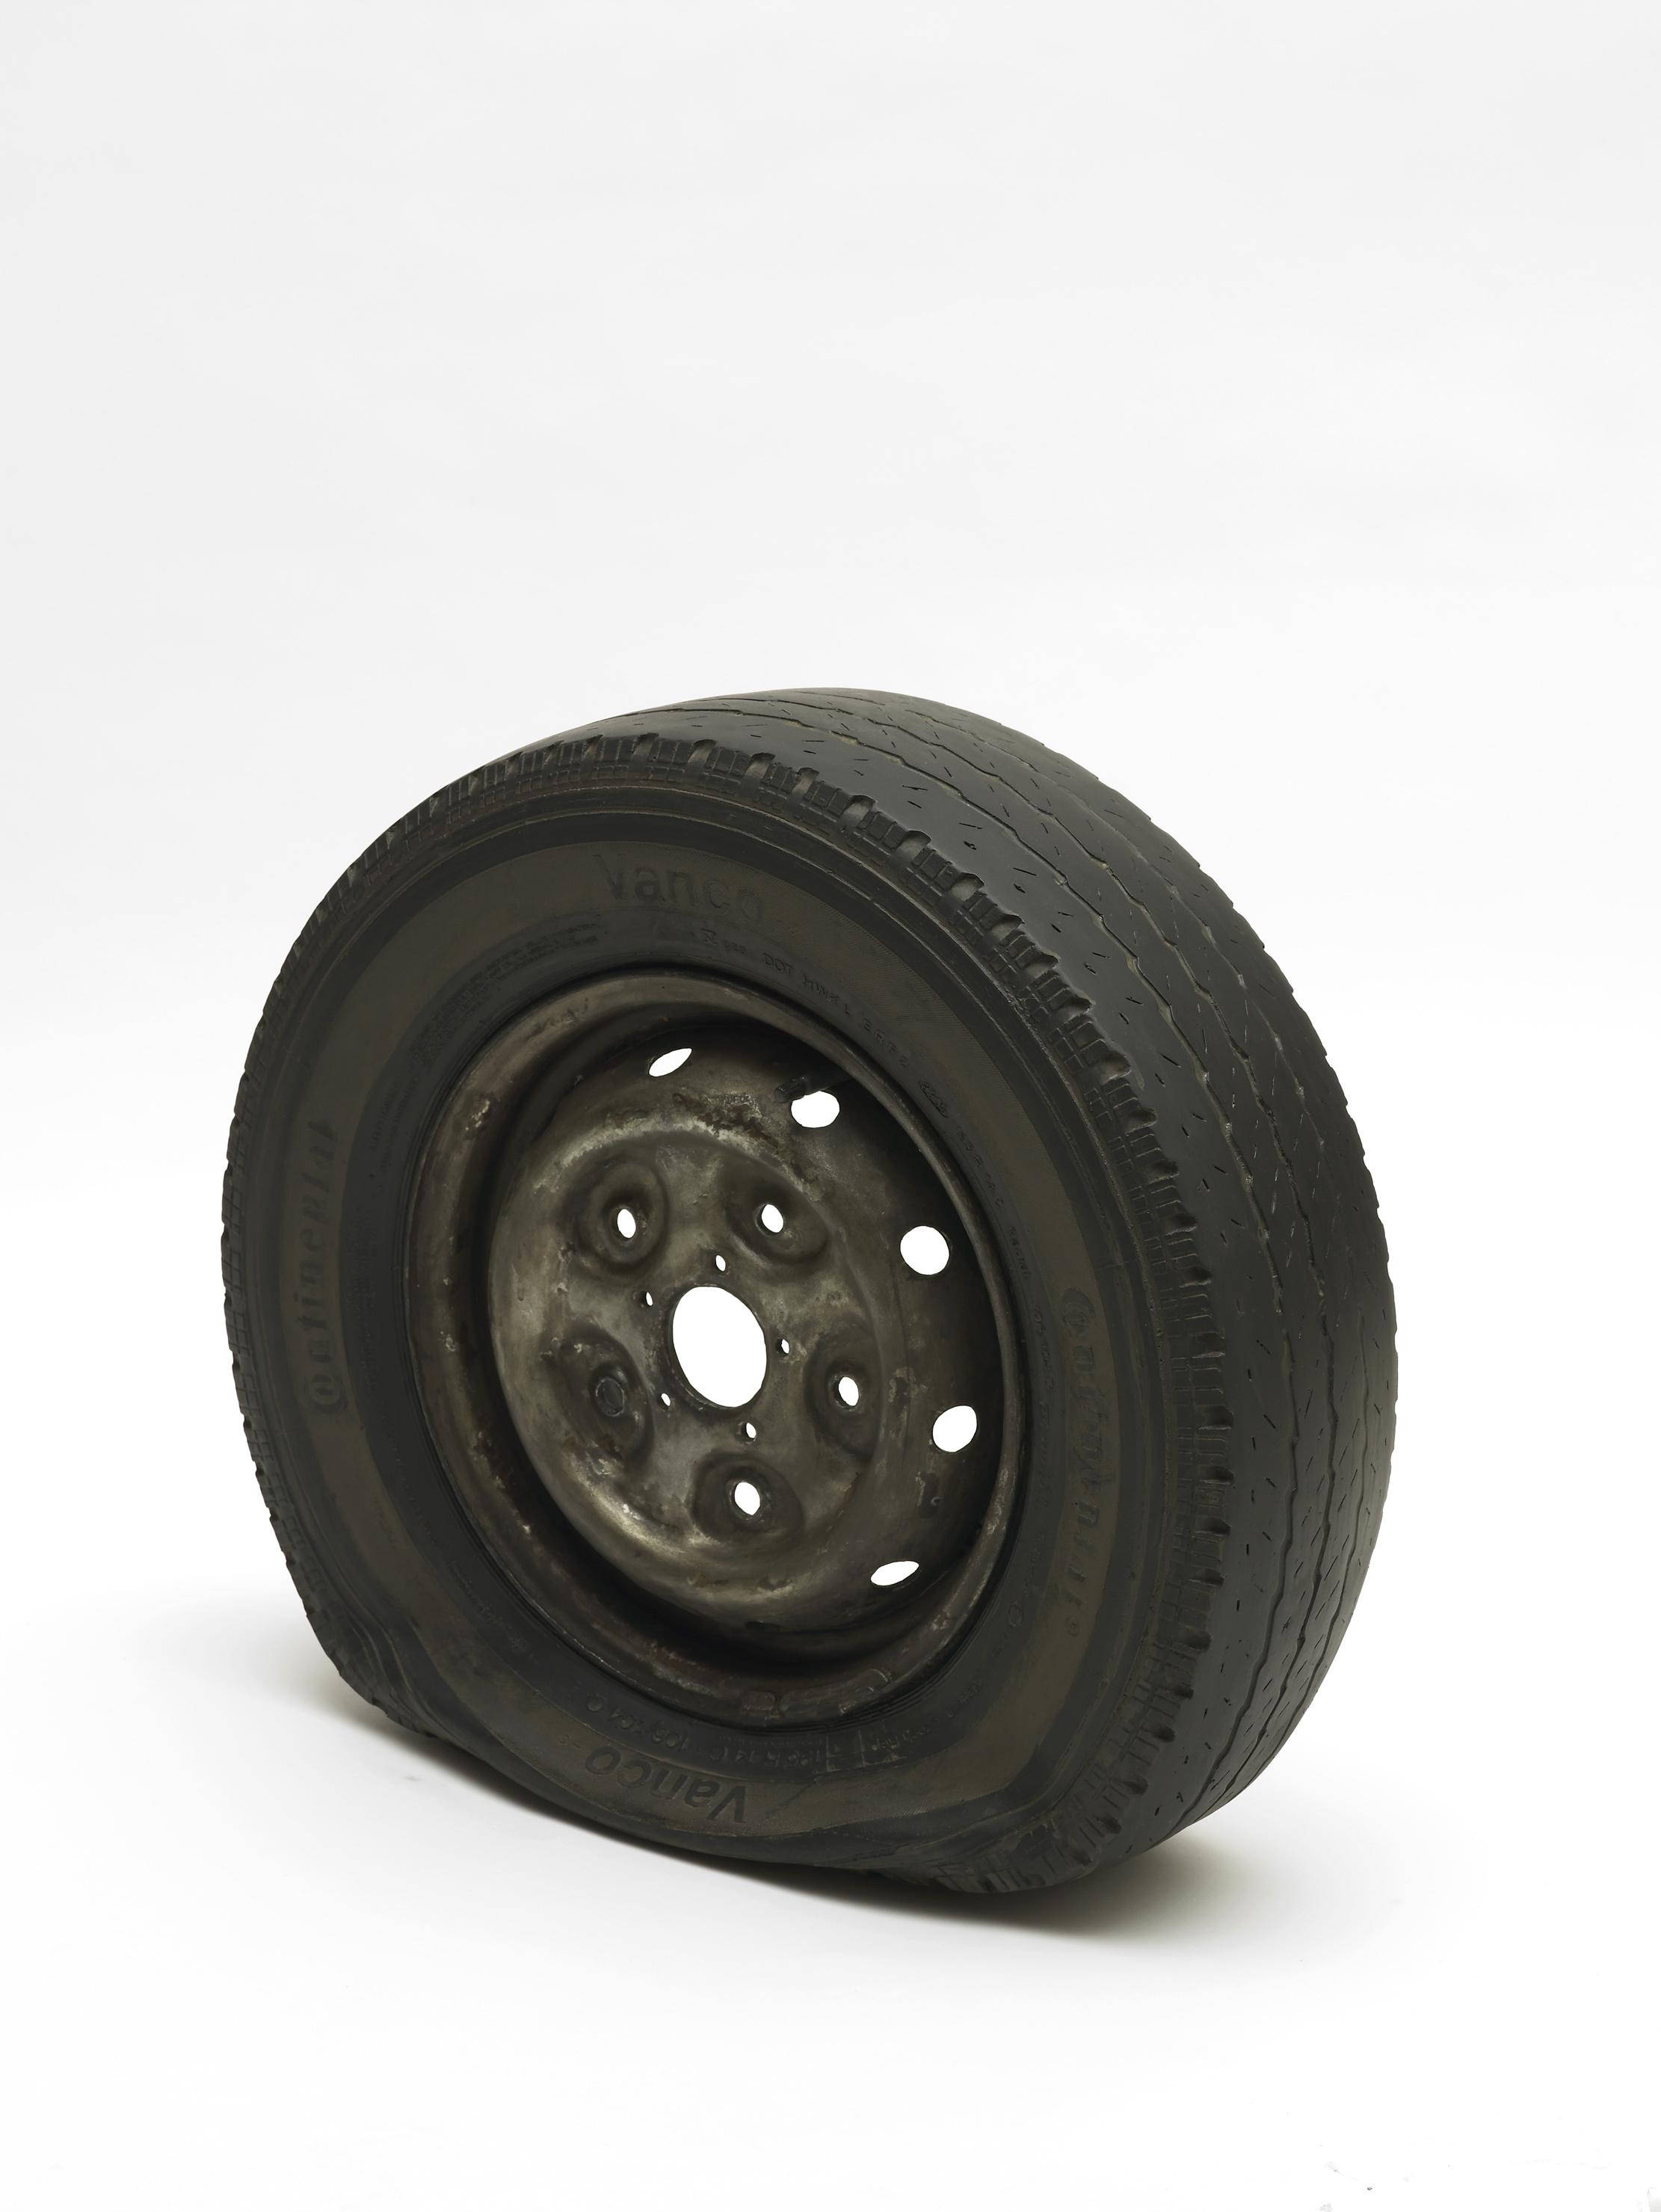 Flat Tyre_2013_Gavin Turk_Photo by Andy Keate.jpg